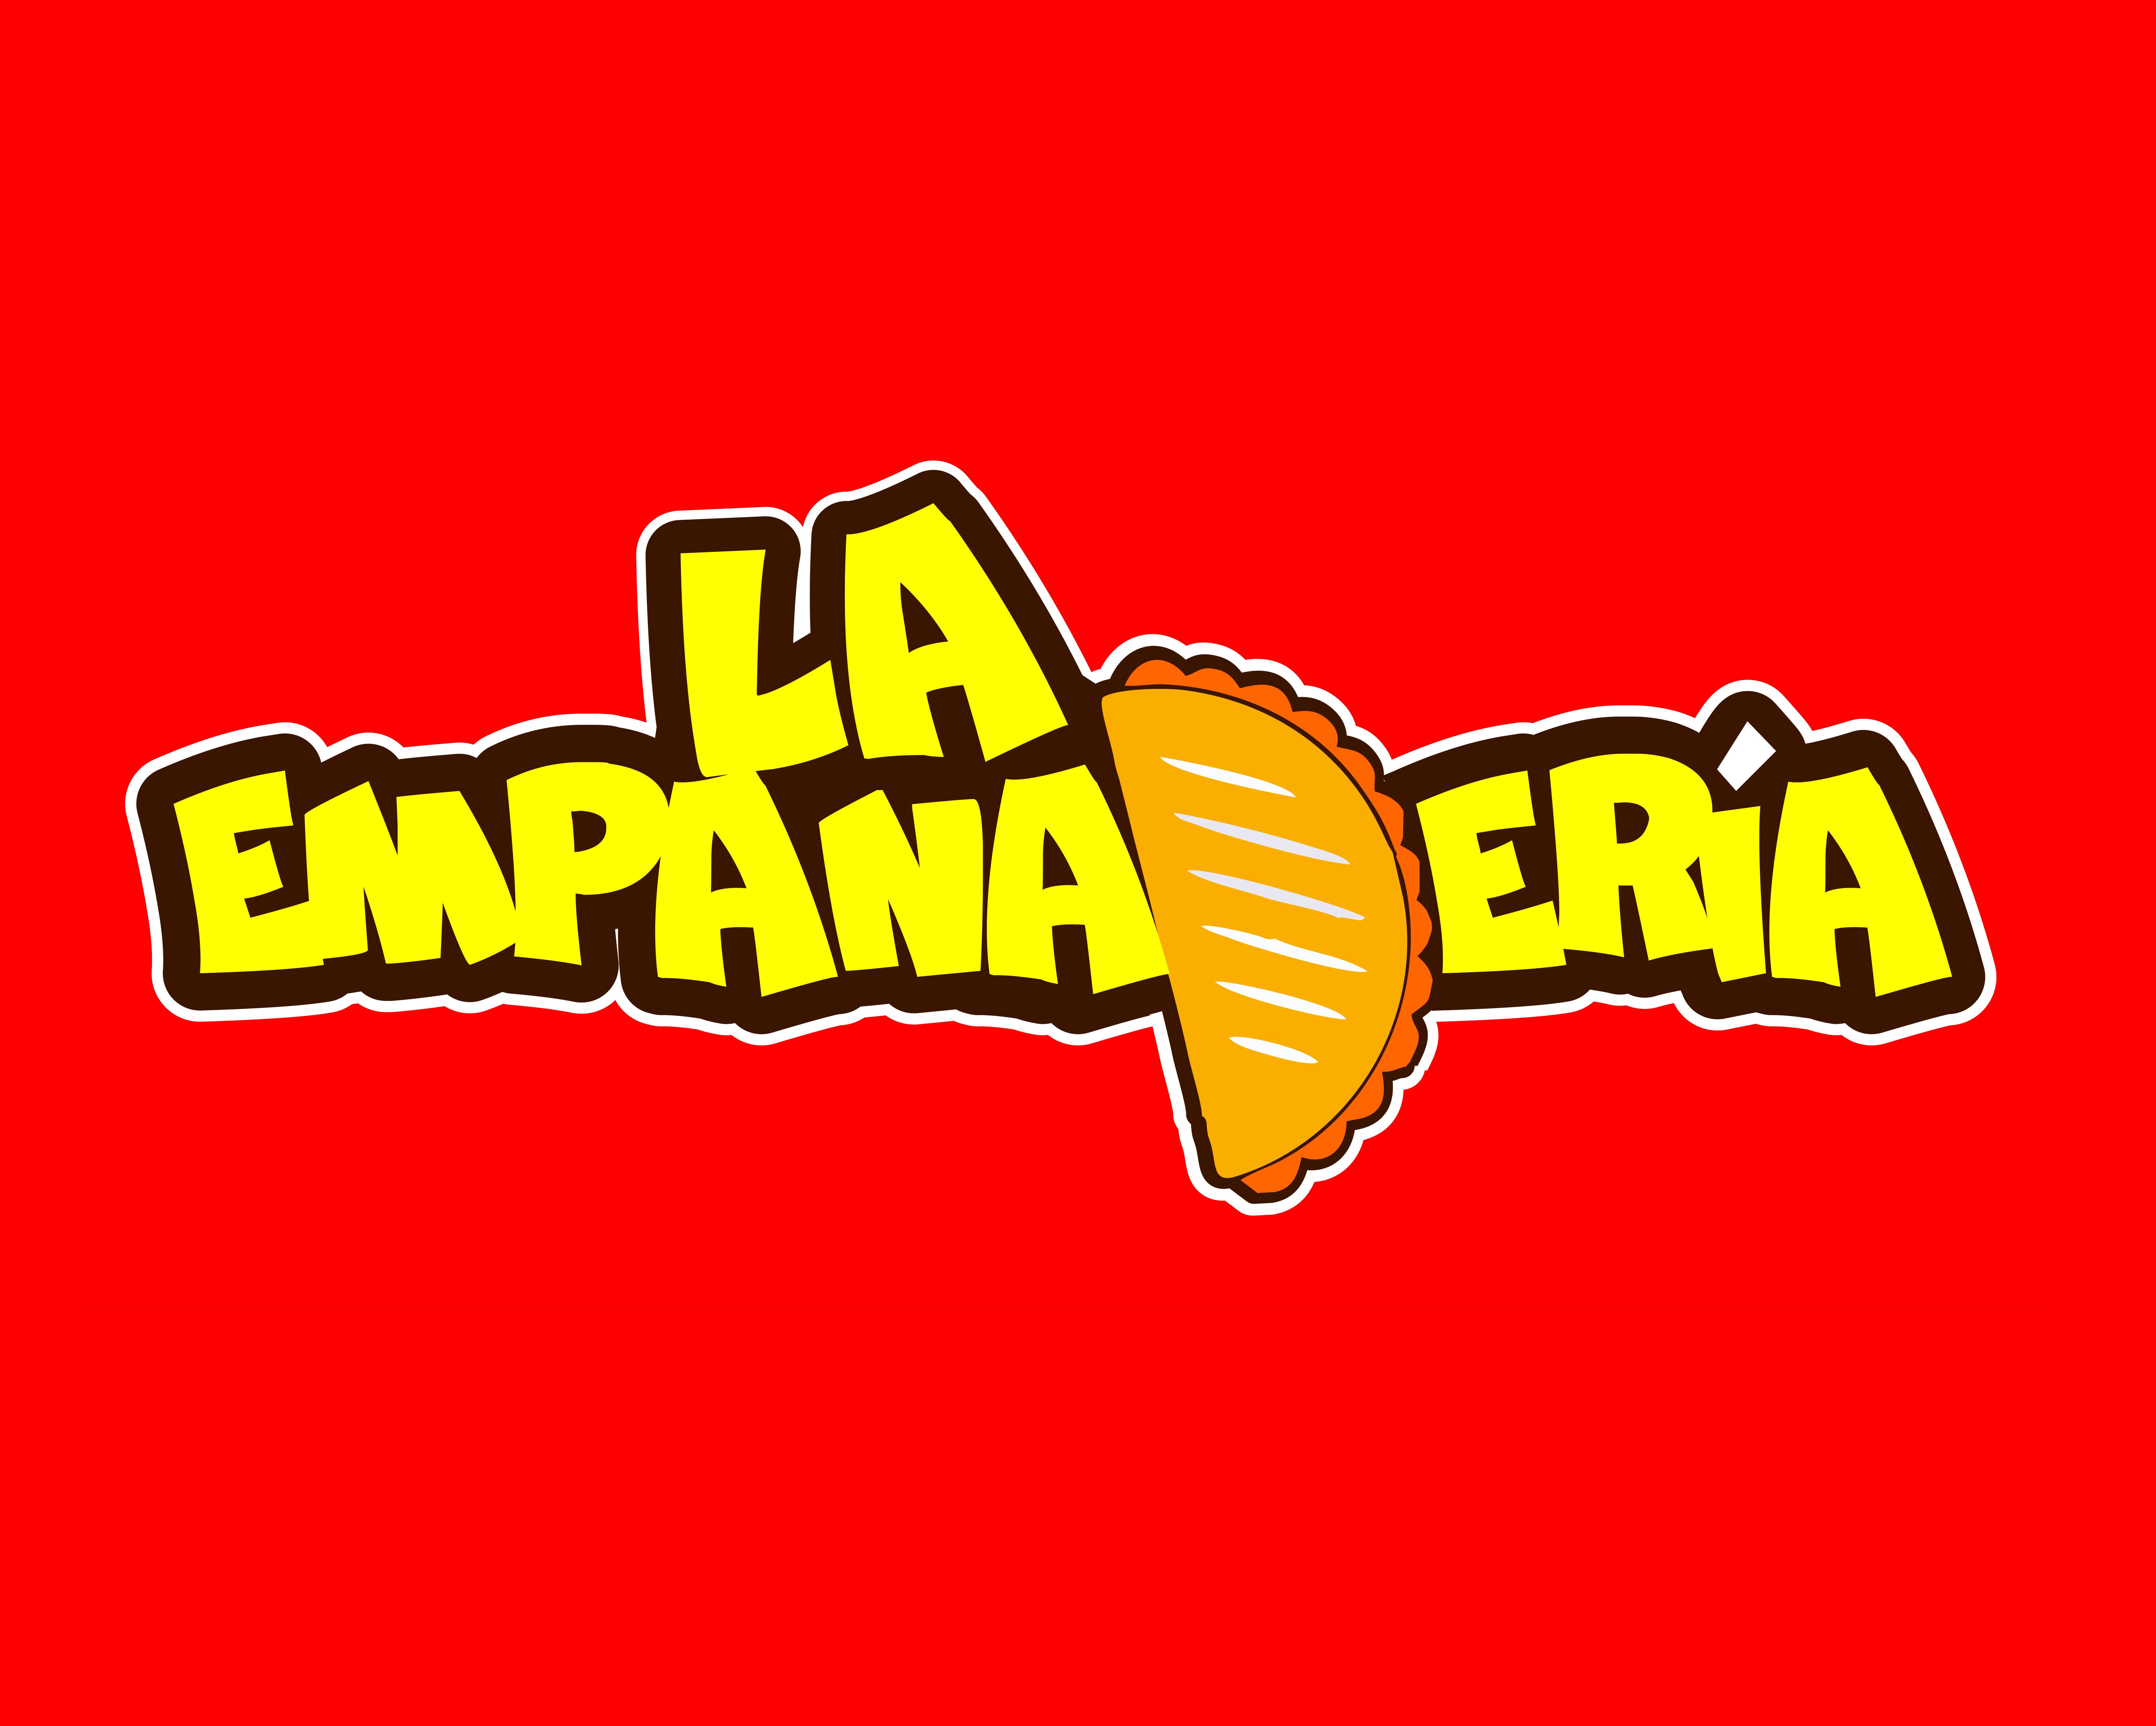 La Empanadería  logo